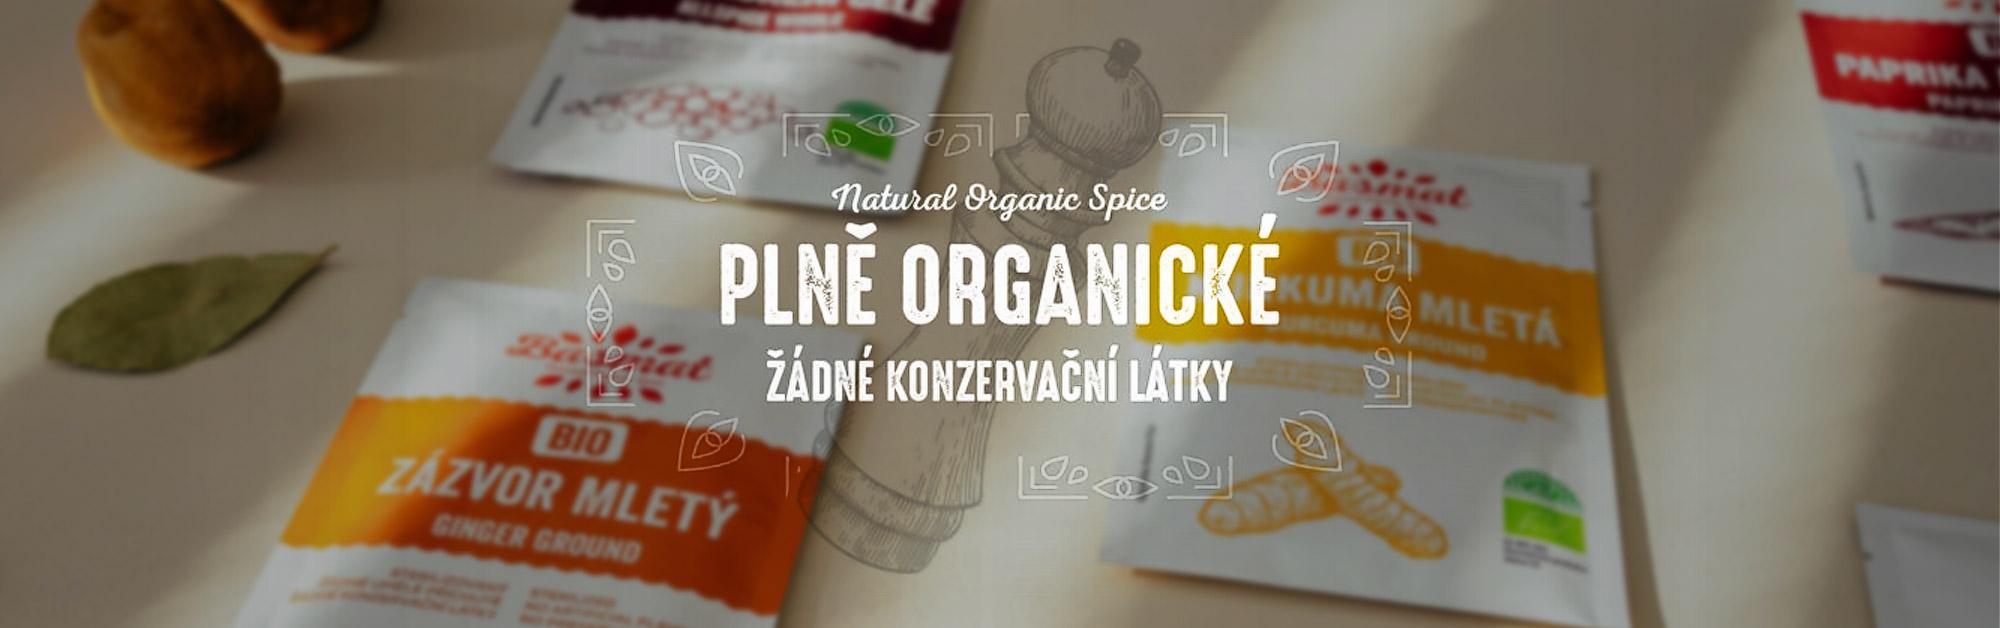 Plně organické koření